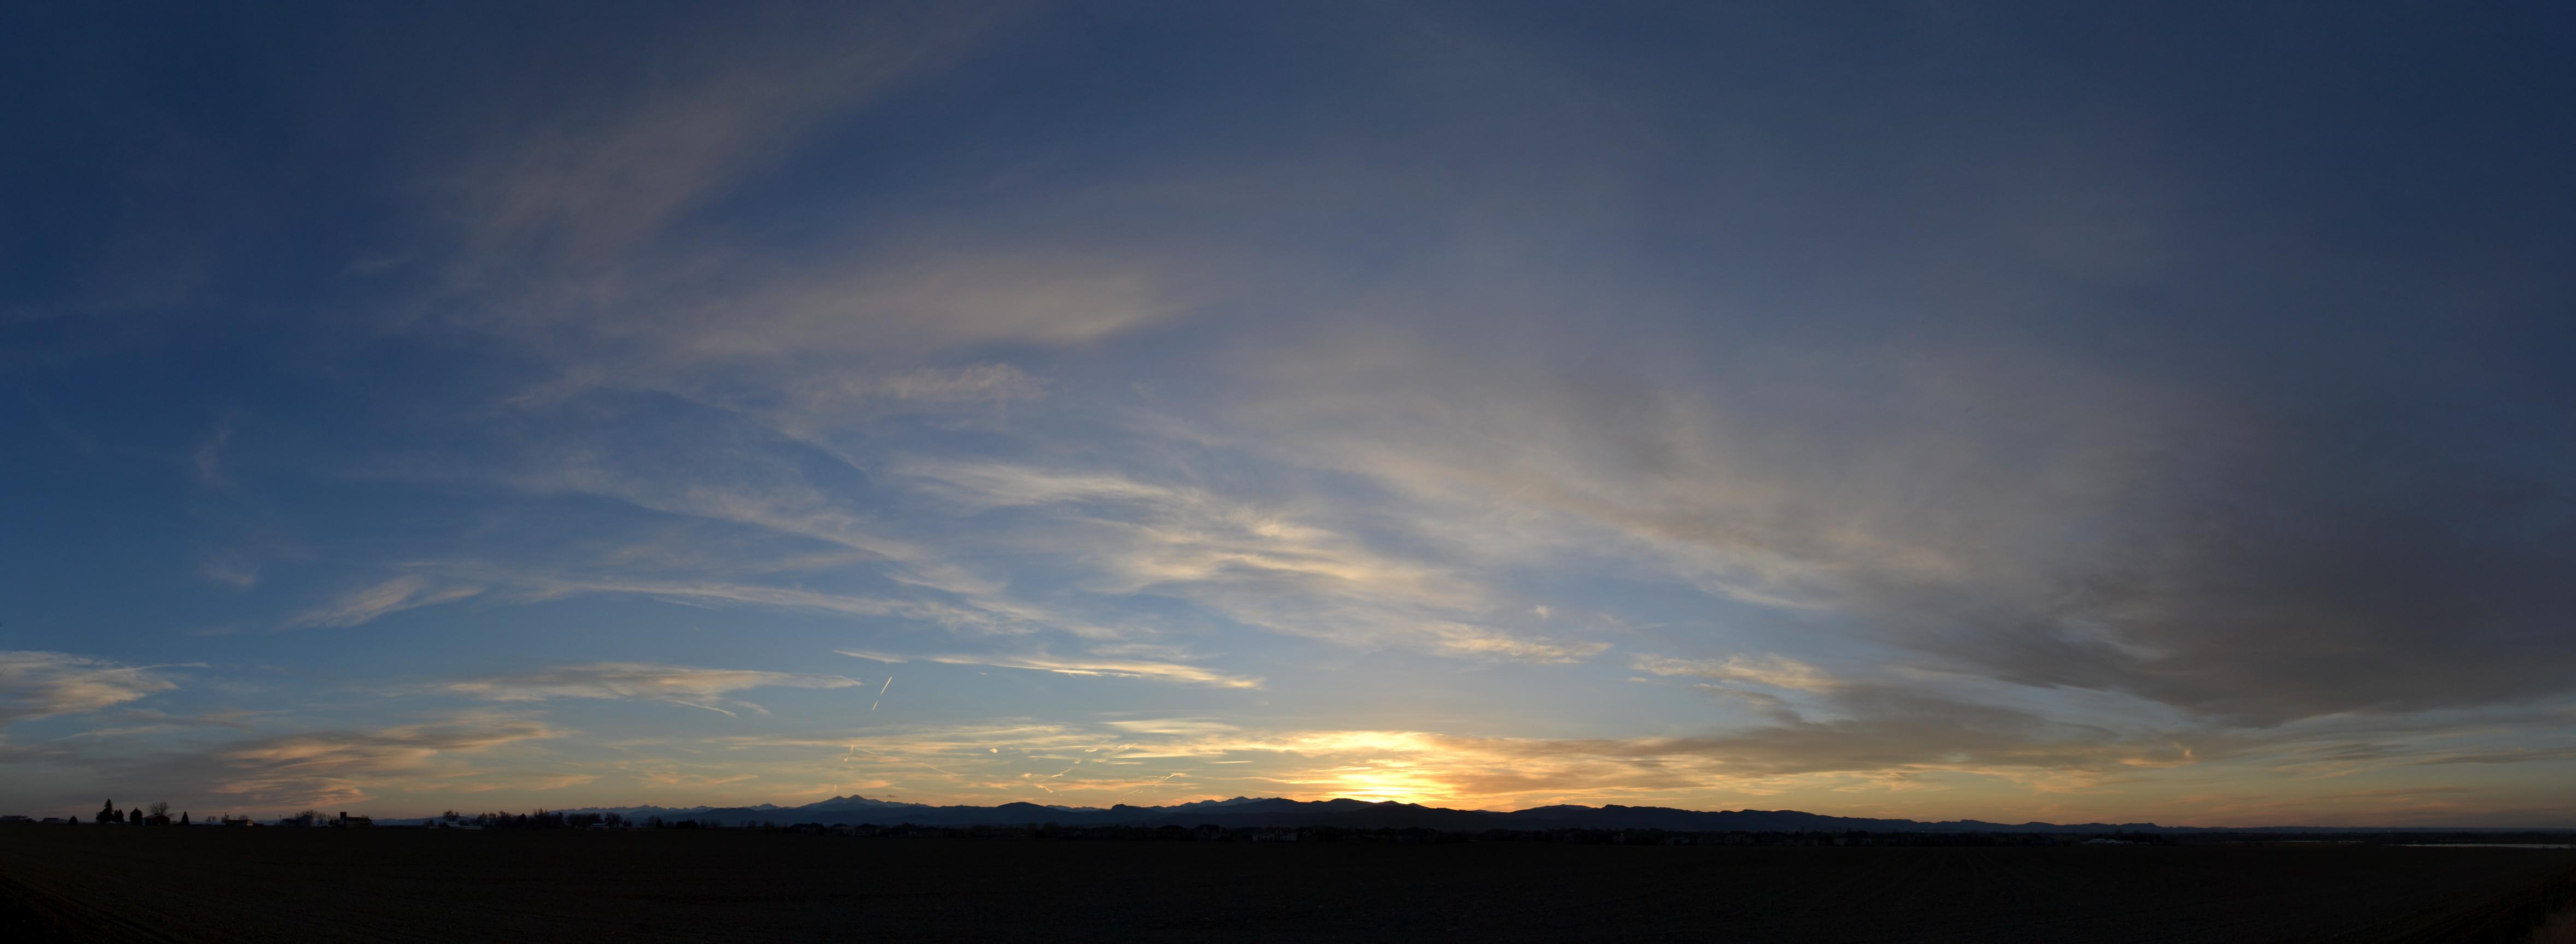 2014 04 08 Cirrus Colorado Cloud Pictures